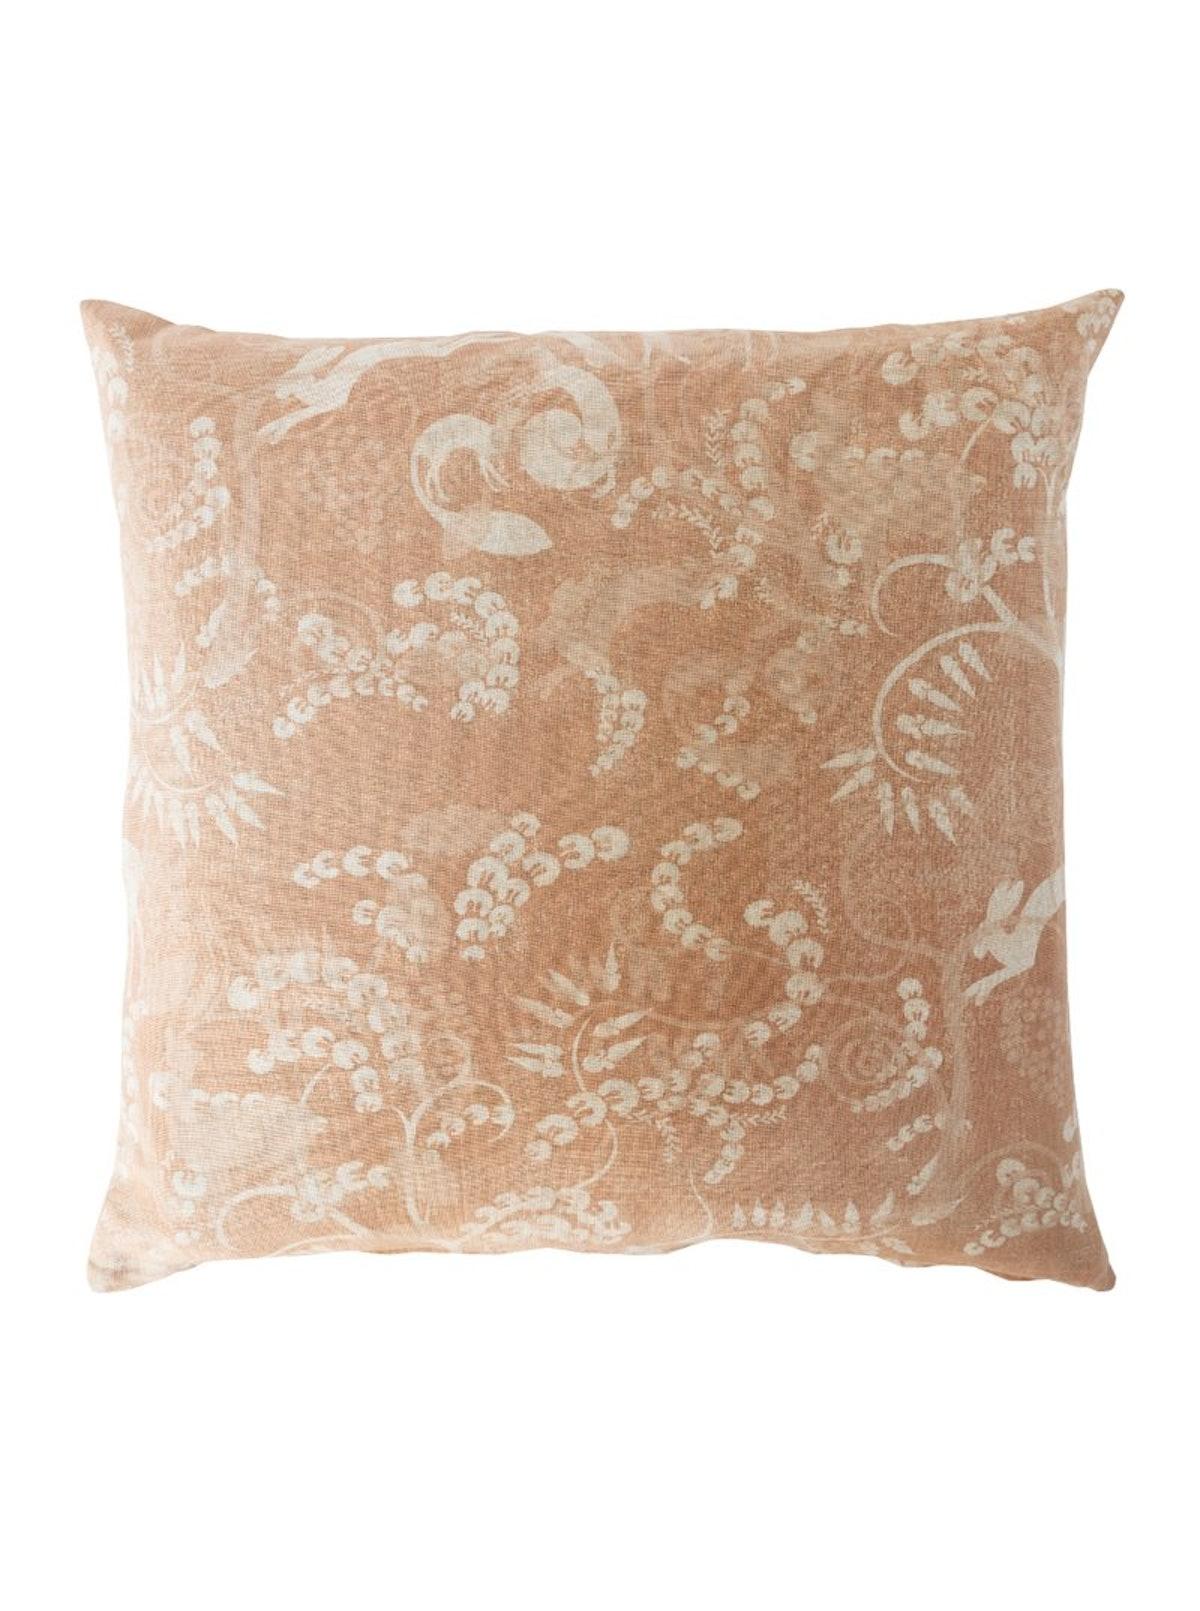 Eisley Pillow